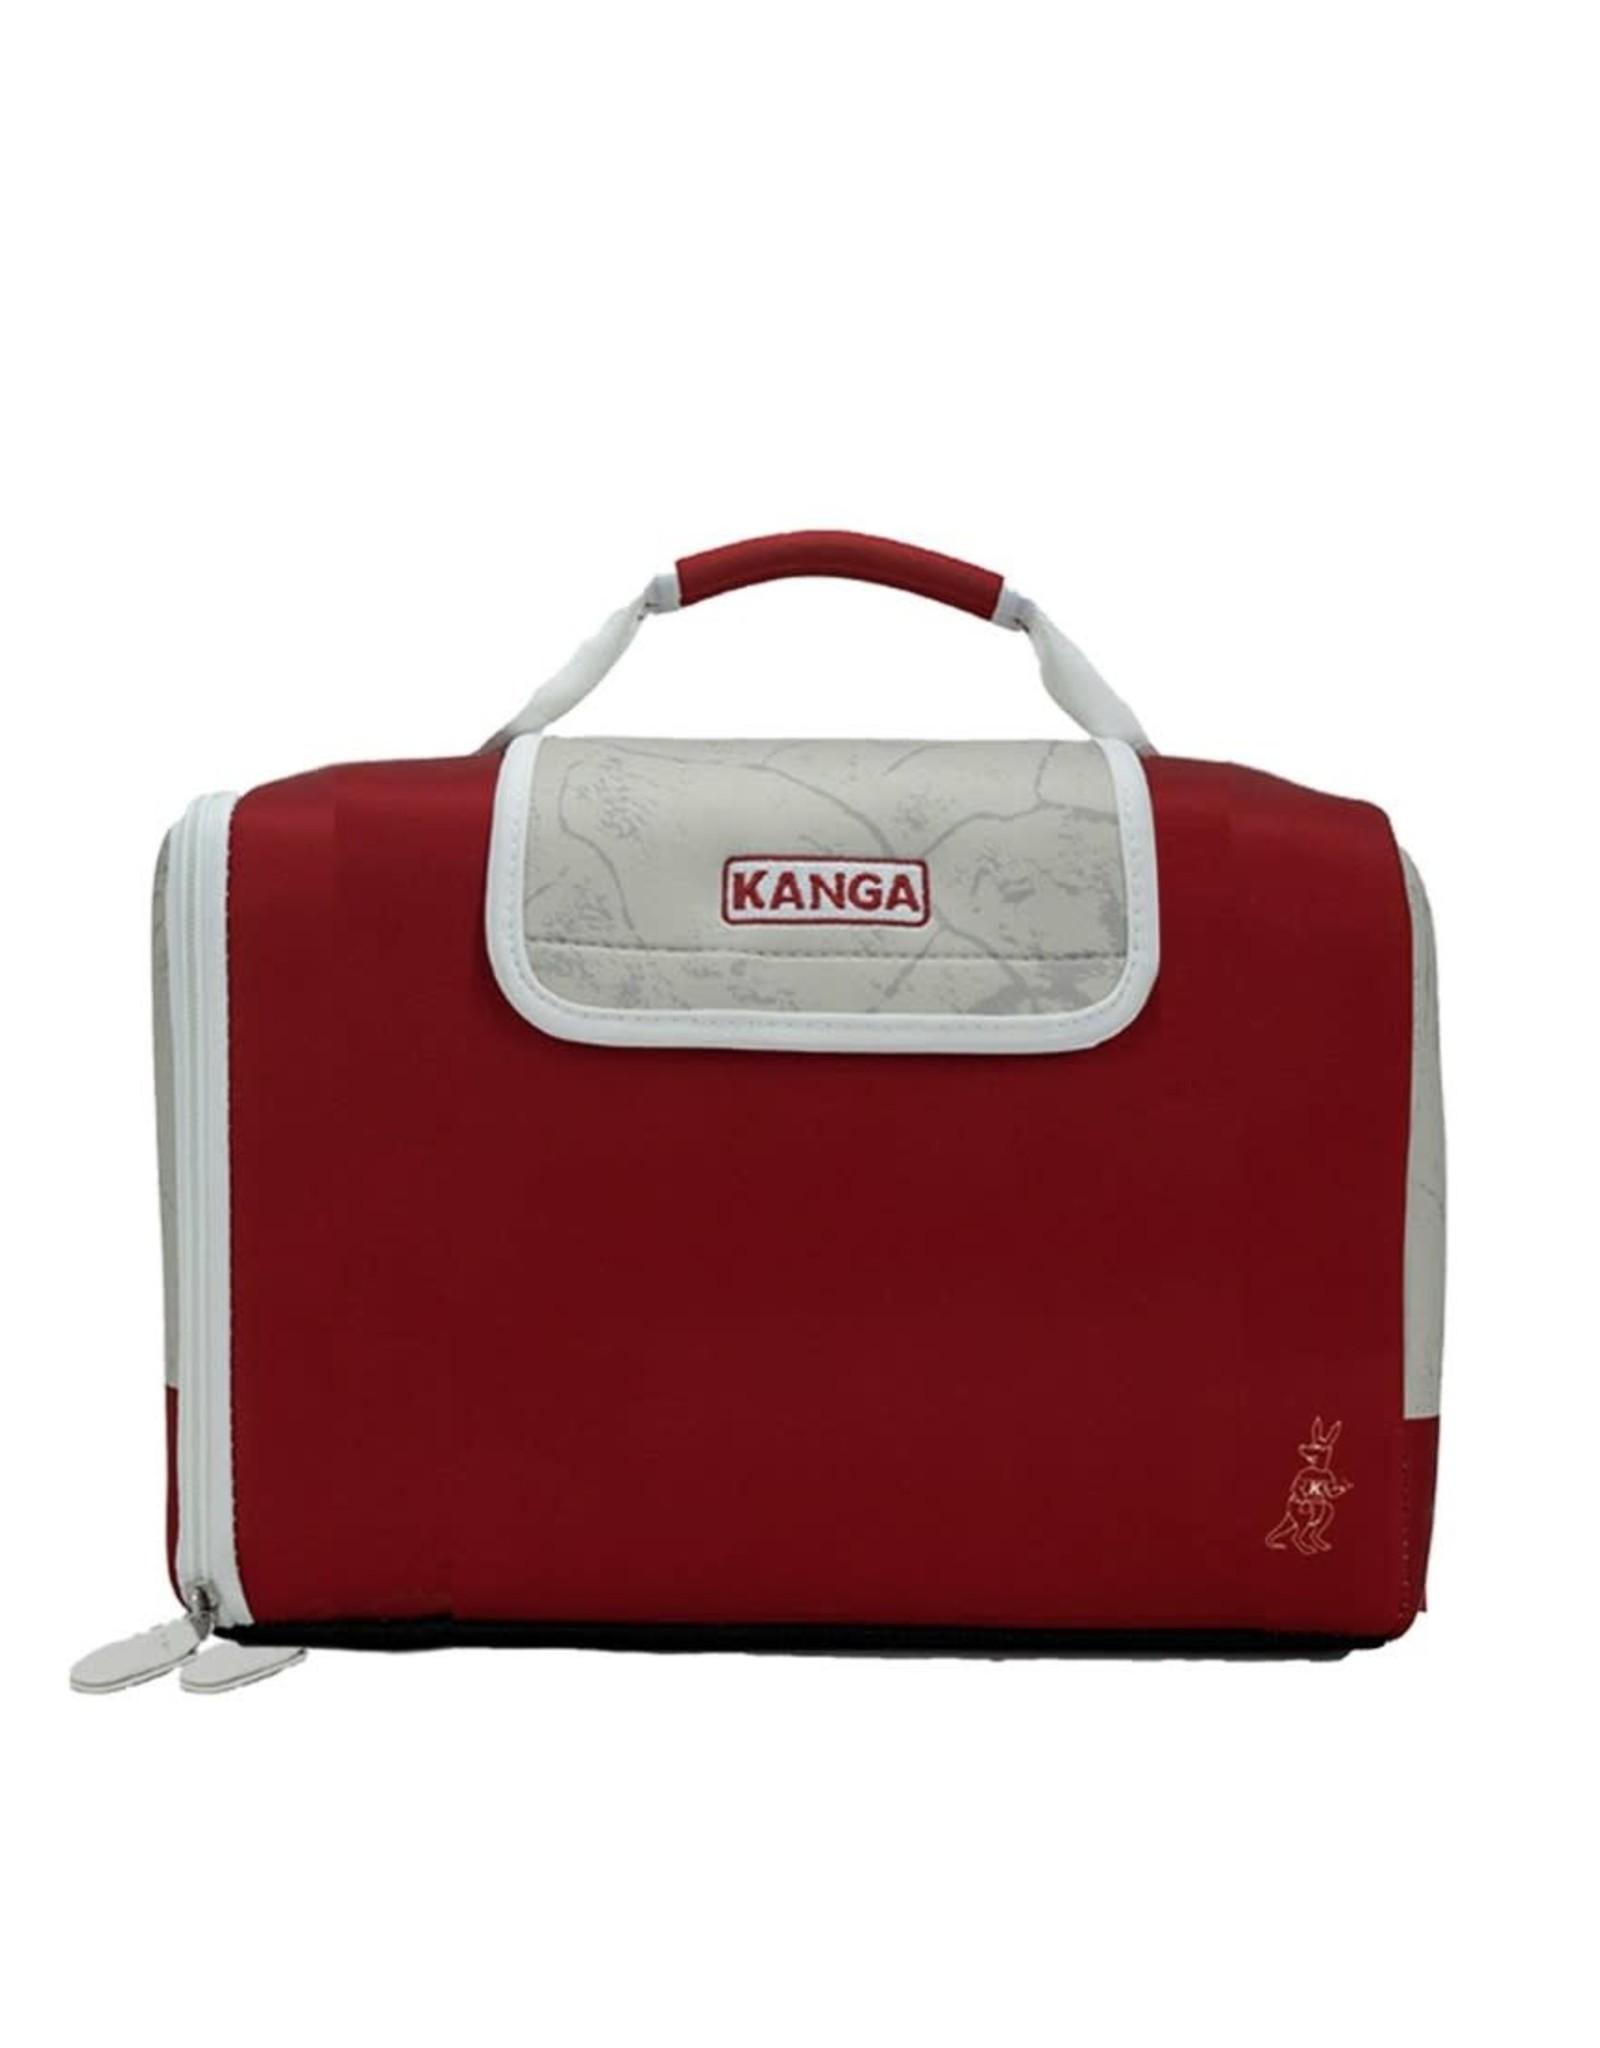 Kanga Cooler/Red/12 pack